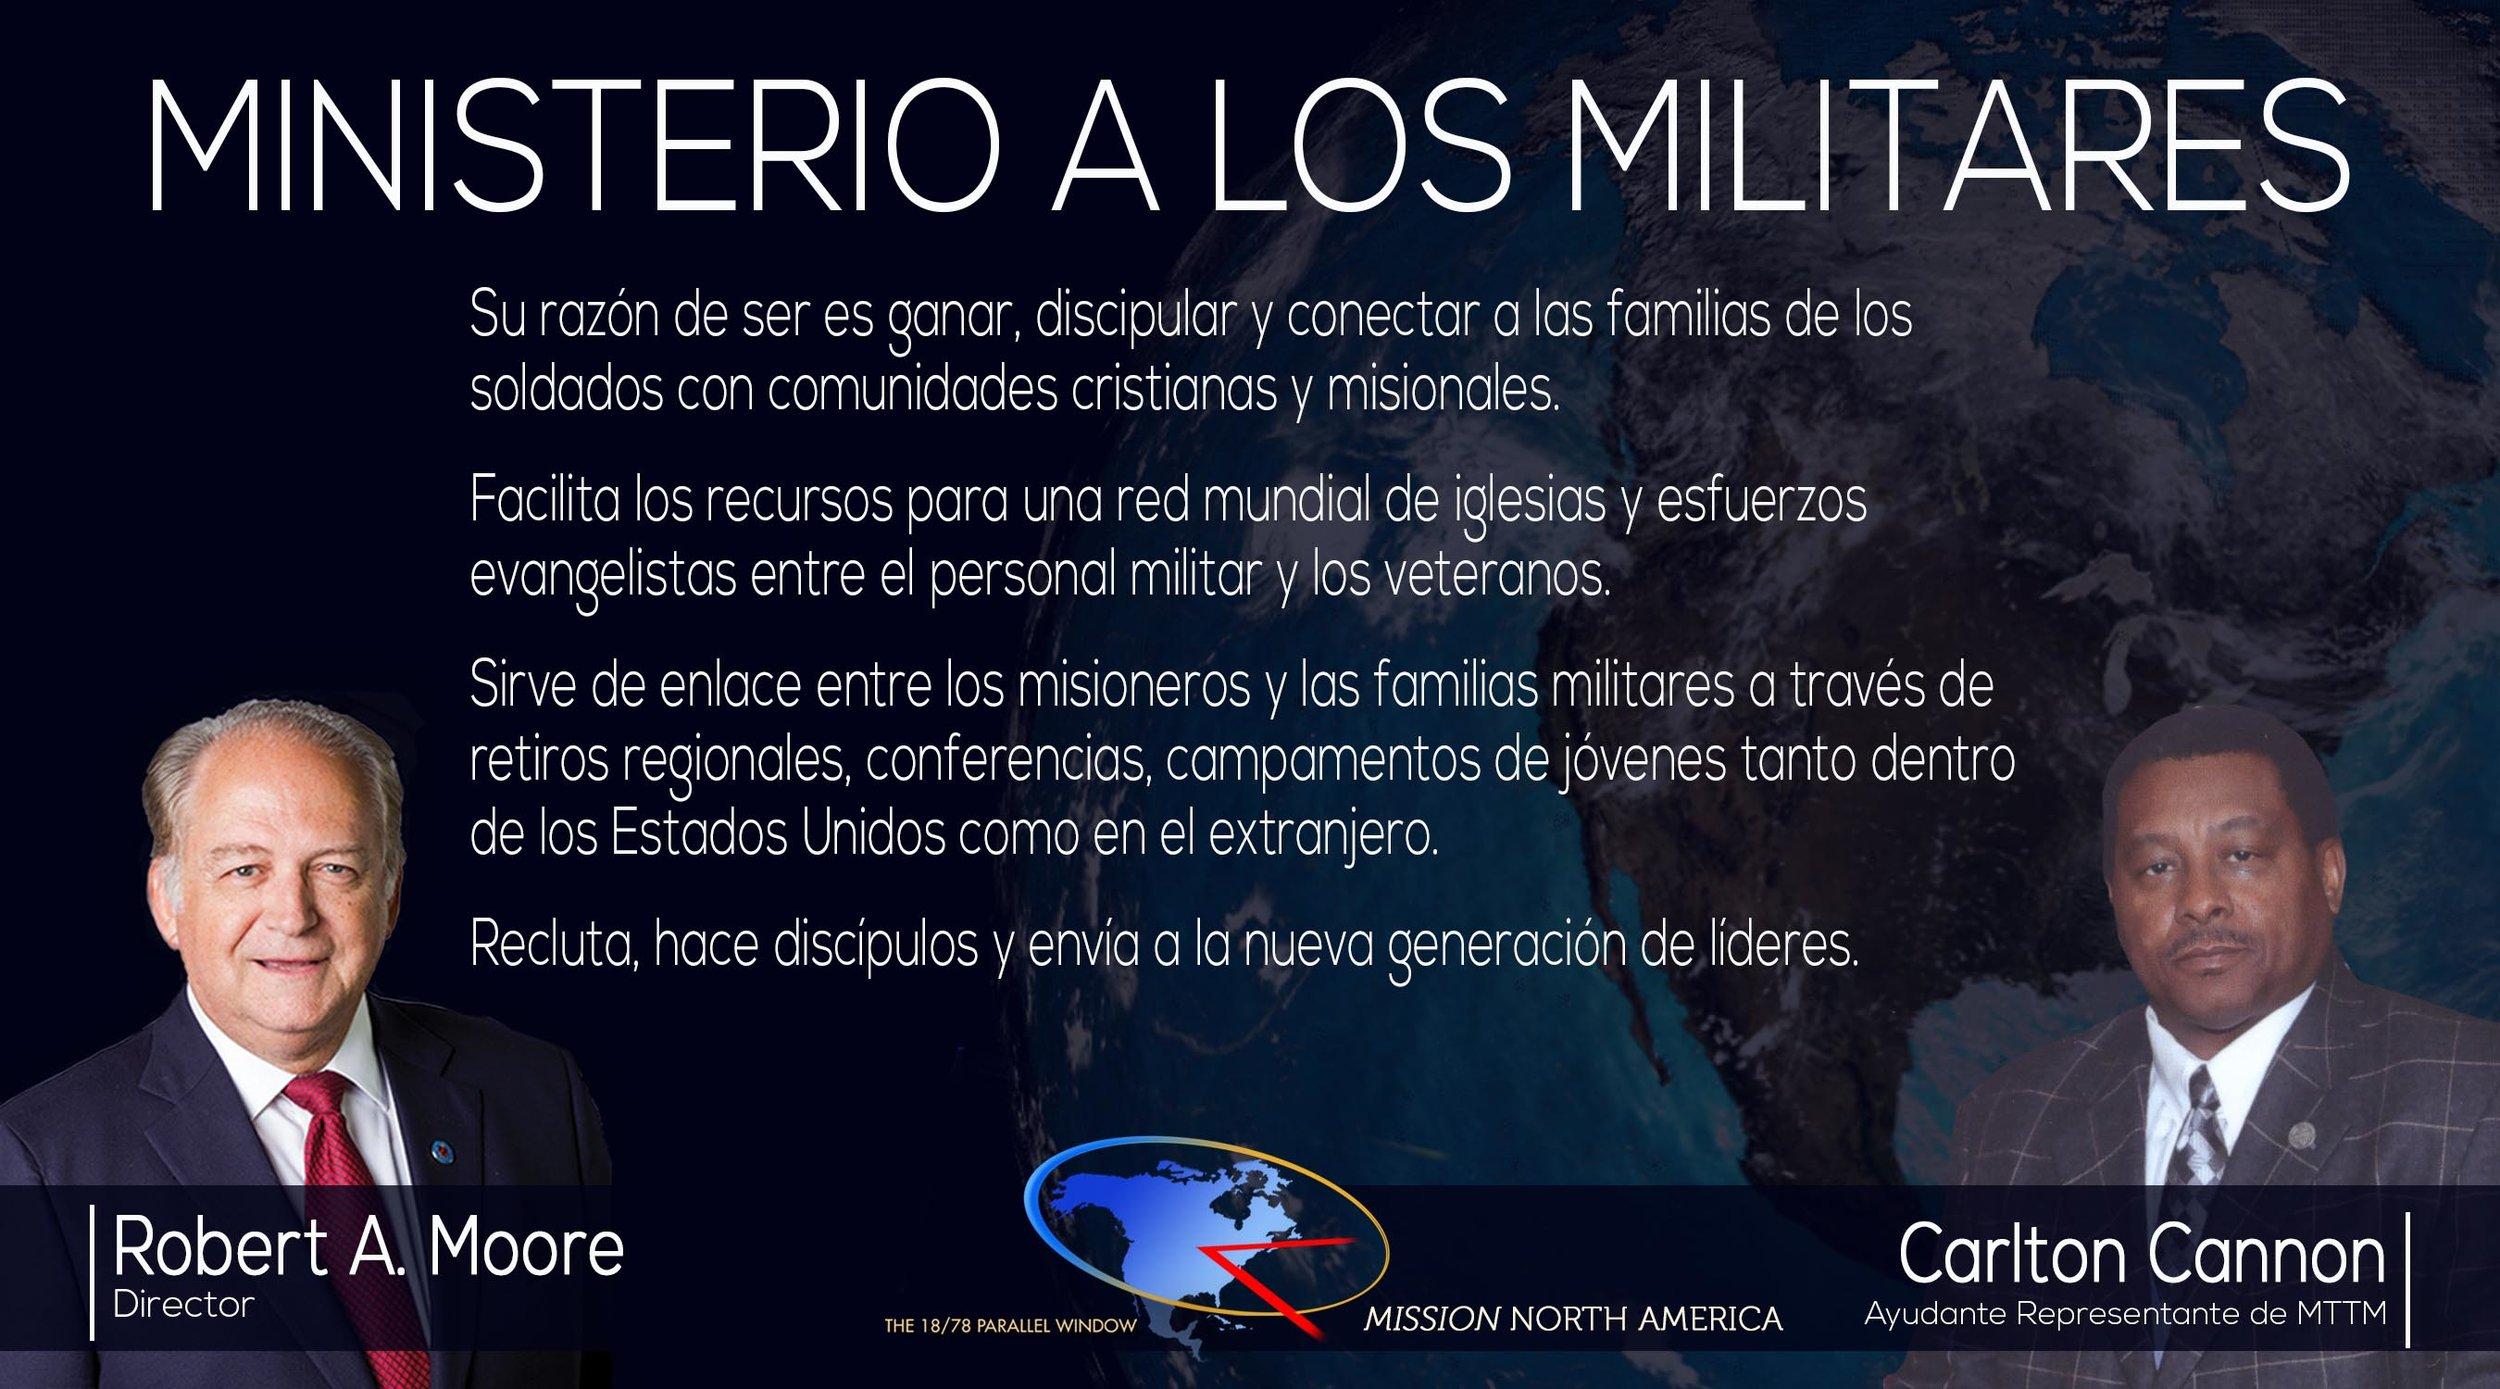 Leadership SLIDEs_Spanish_MTTM.jpg